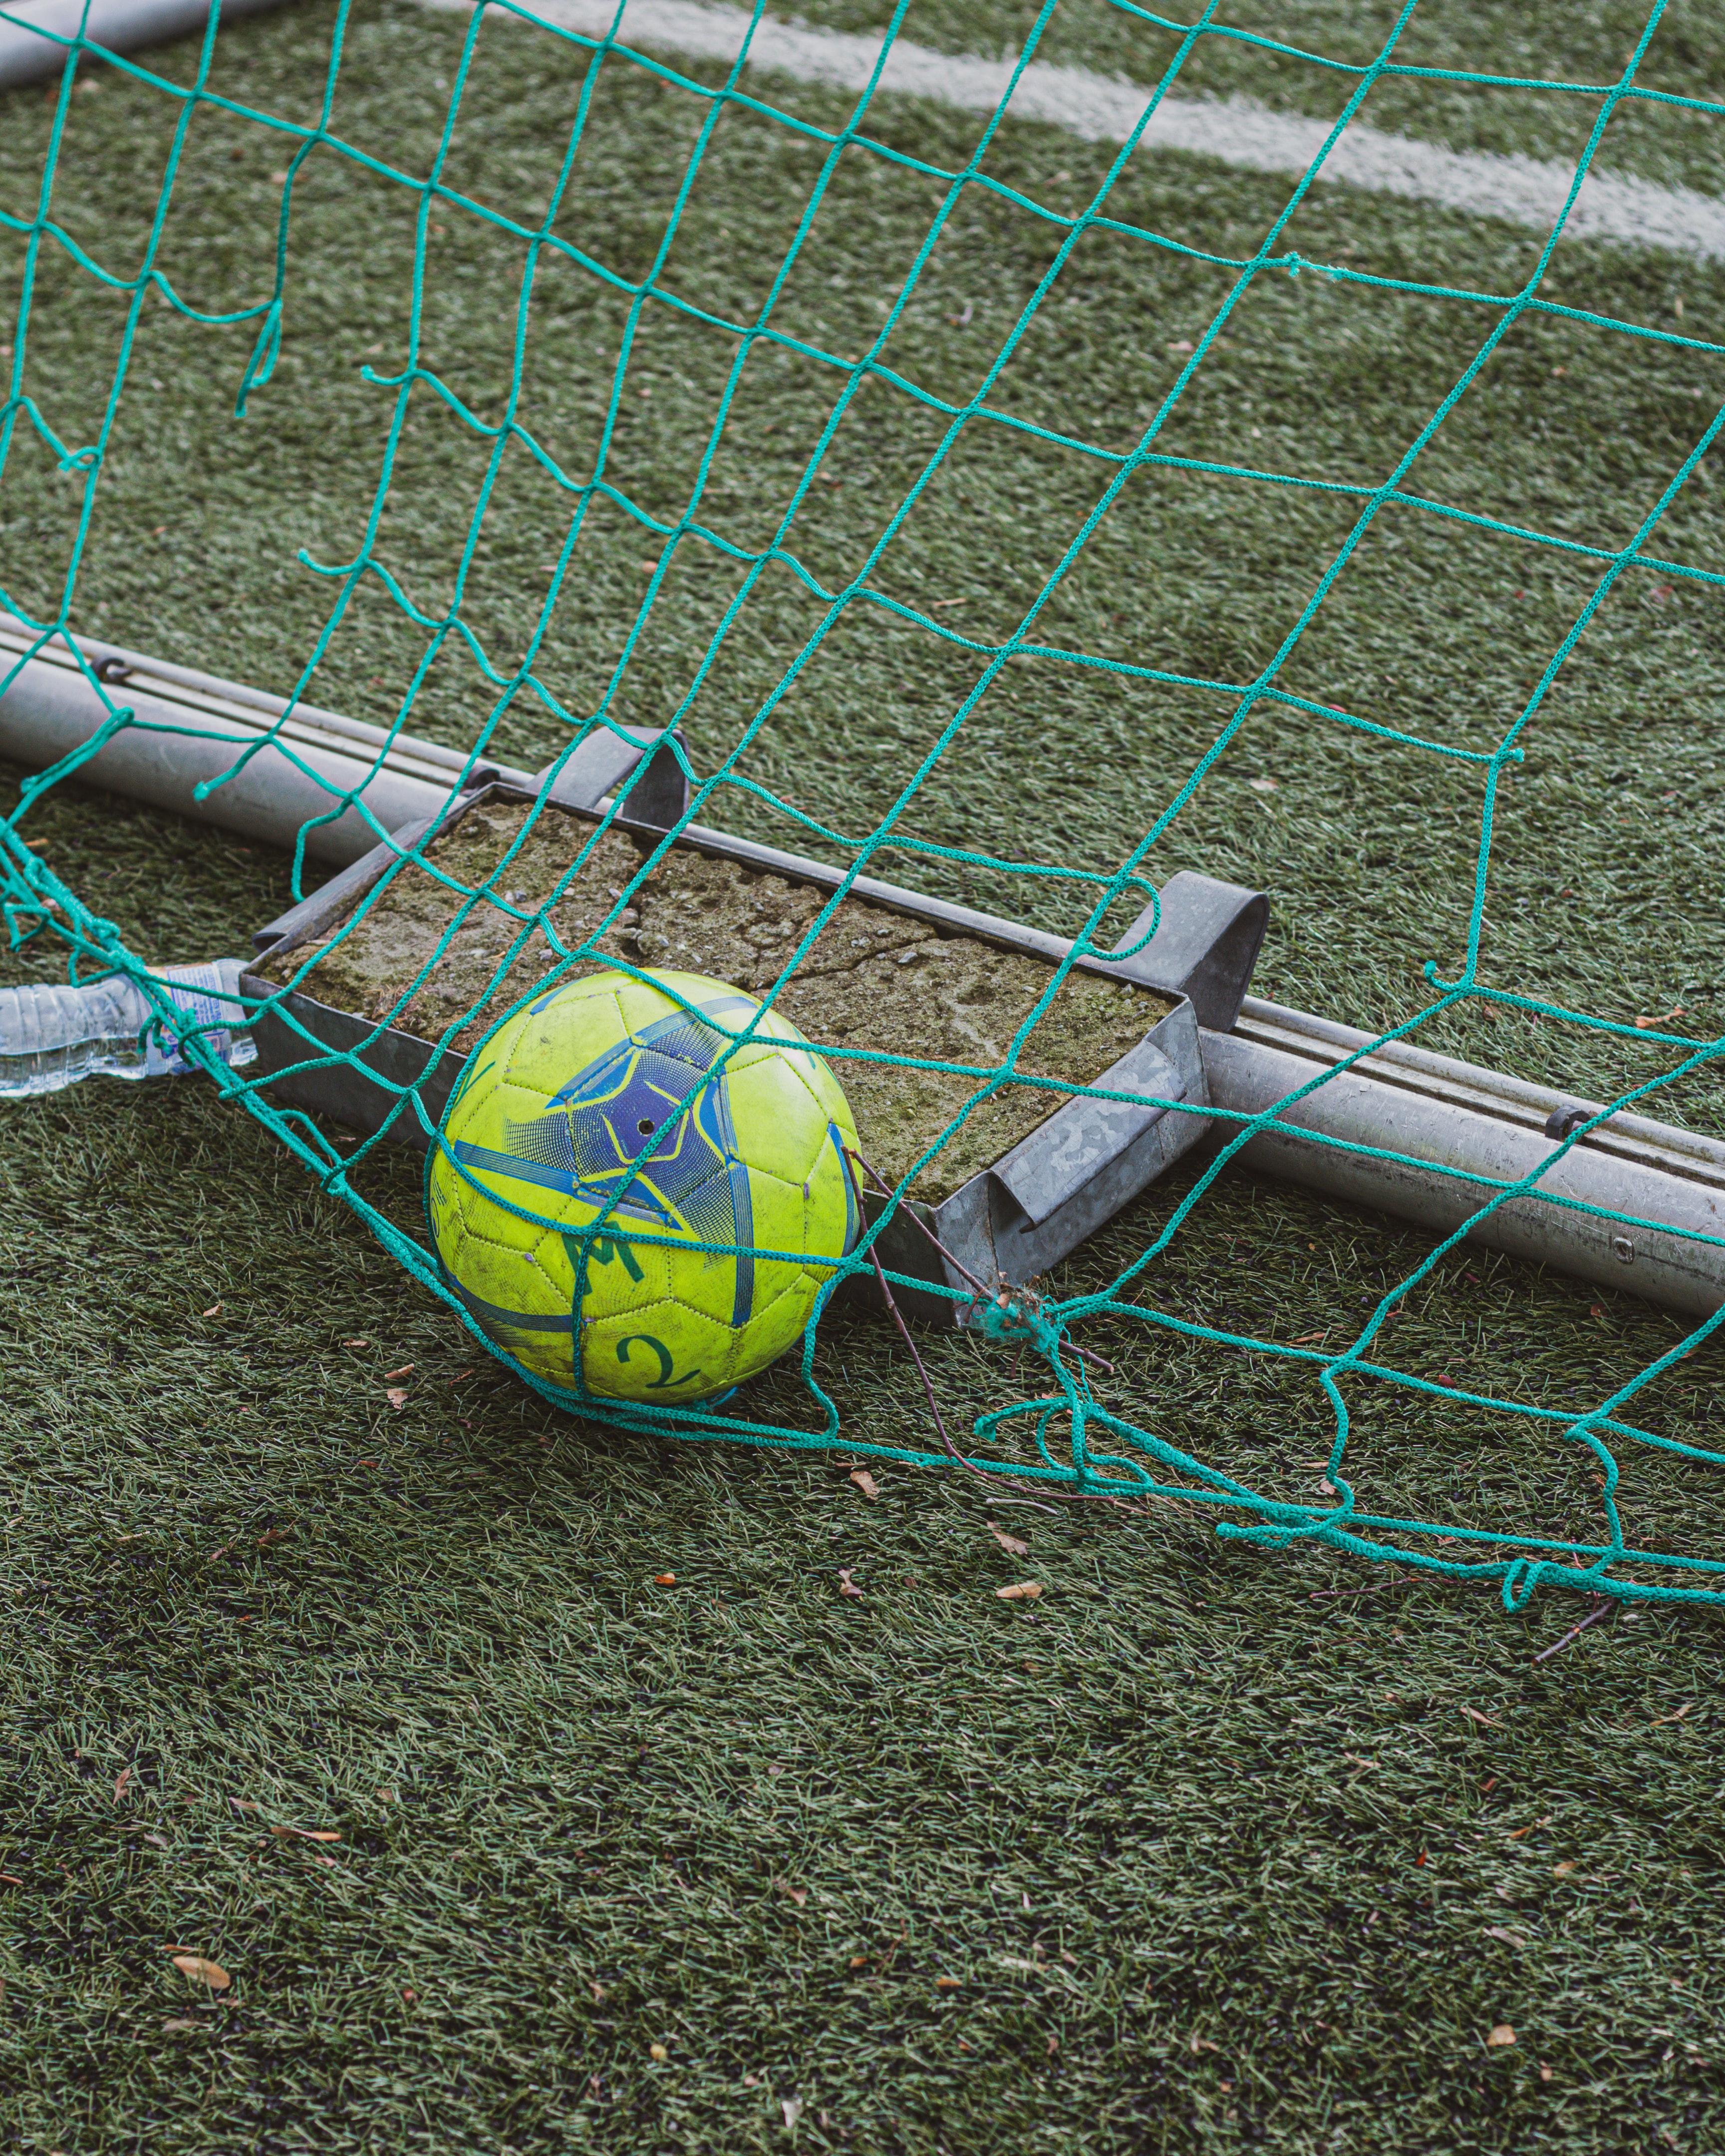 117423 скачать обои Футбол, Мяч, Сетка, Трава, Спорт - заставки и картинки бесплатно